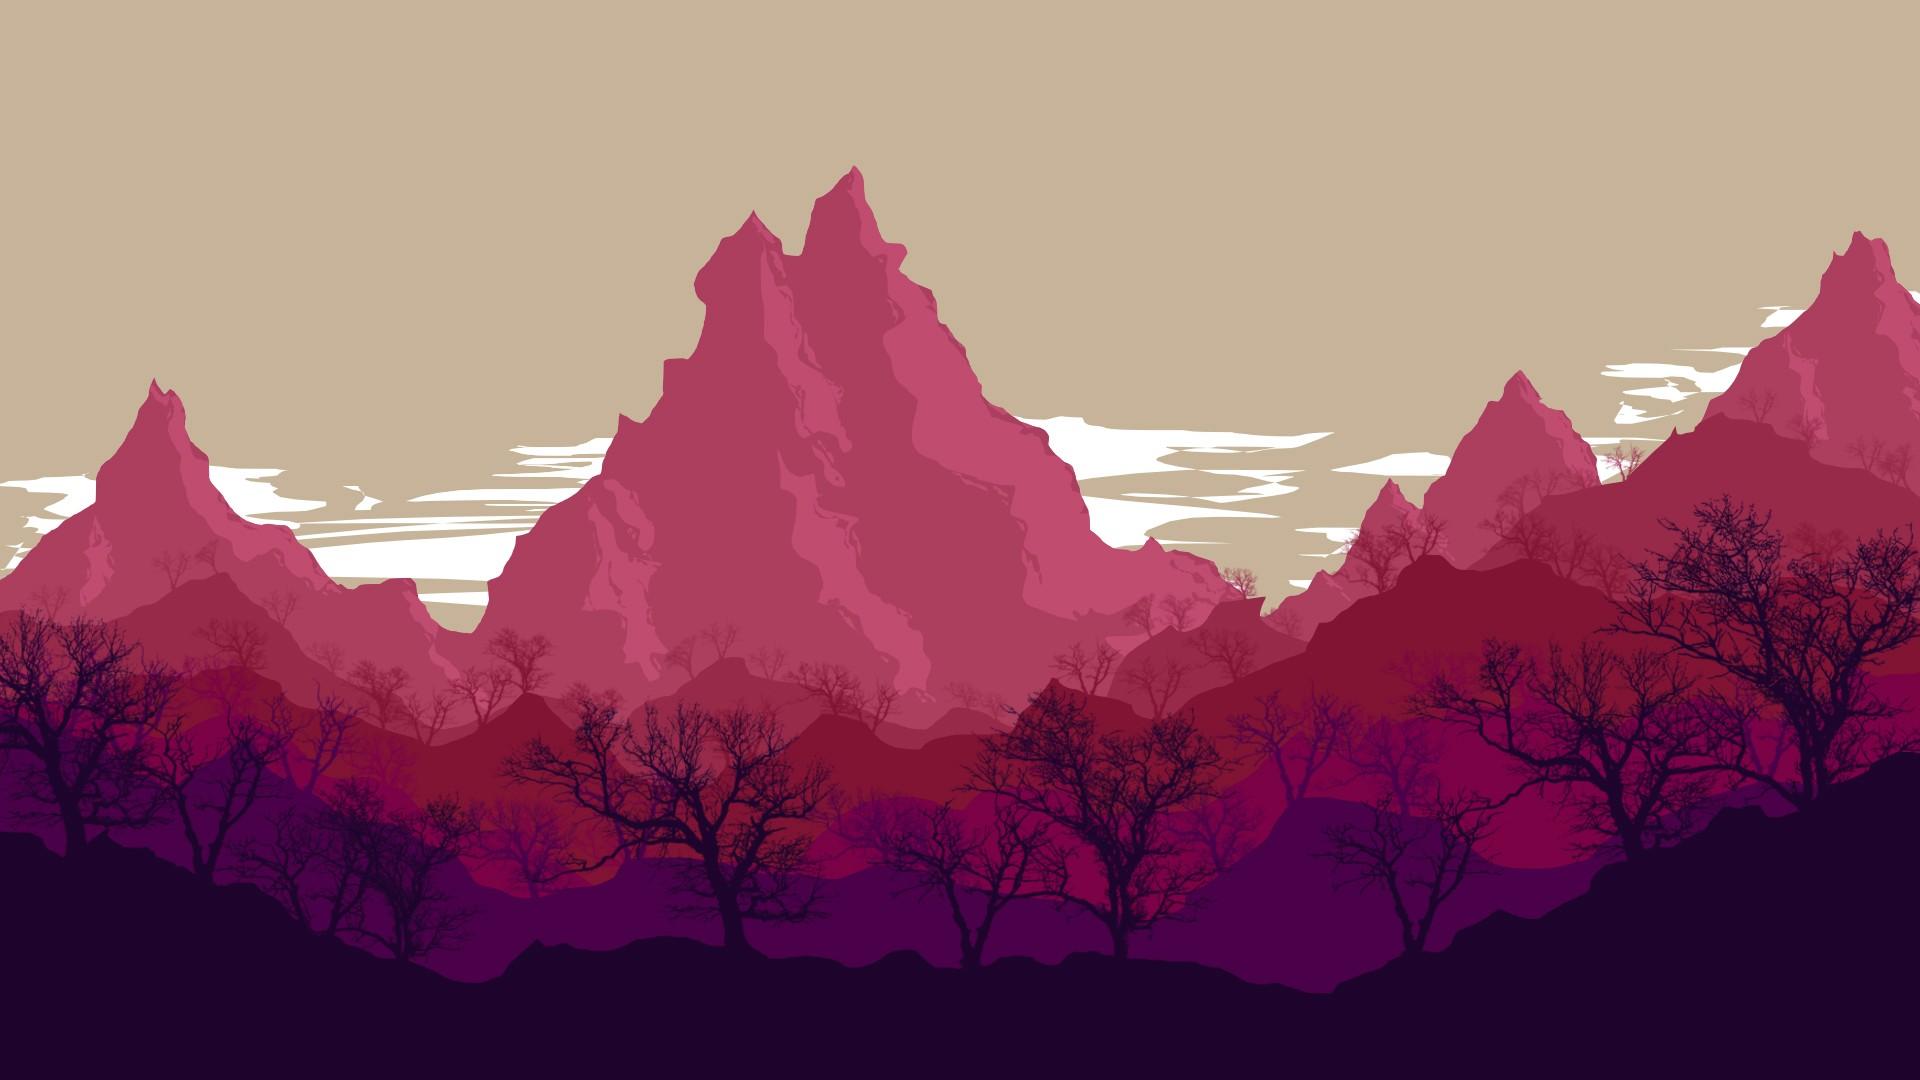 Wonderful Wallpaper Mountain Art - 909040  Photograph_4866.jpg